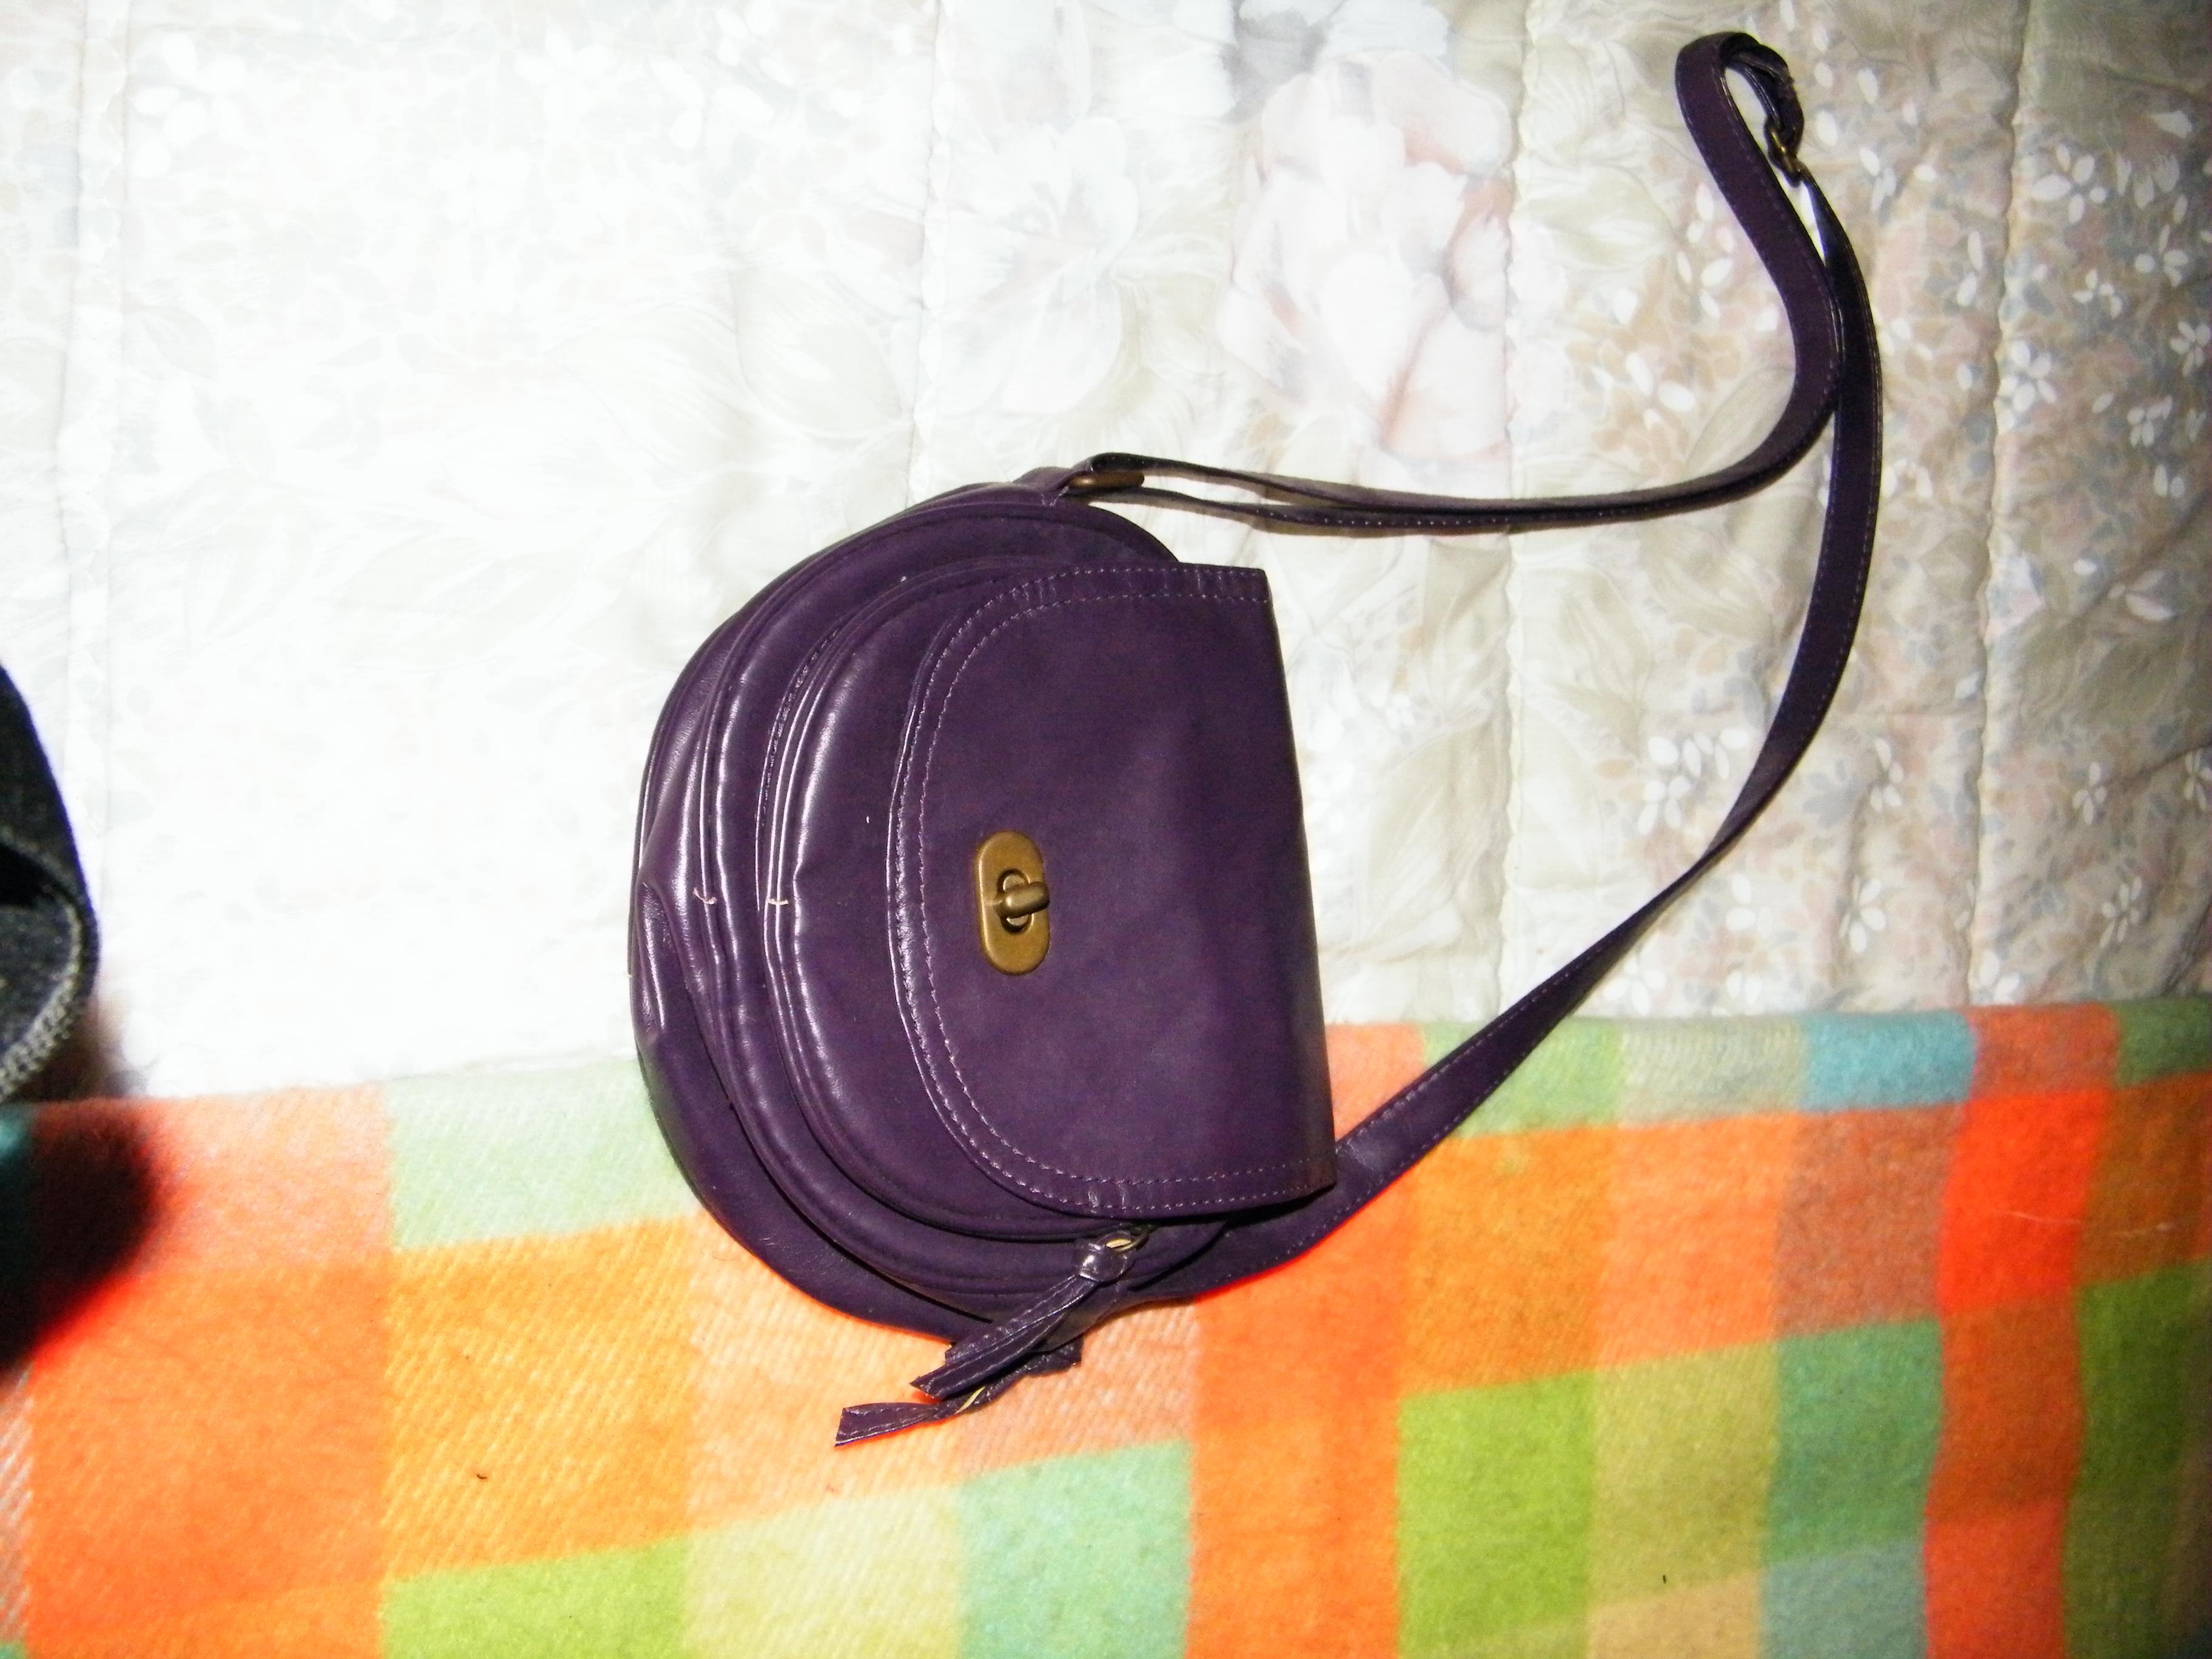 DSCF7600